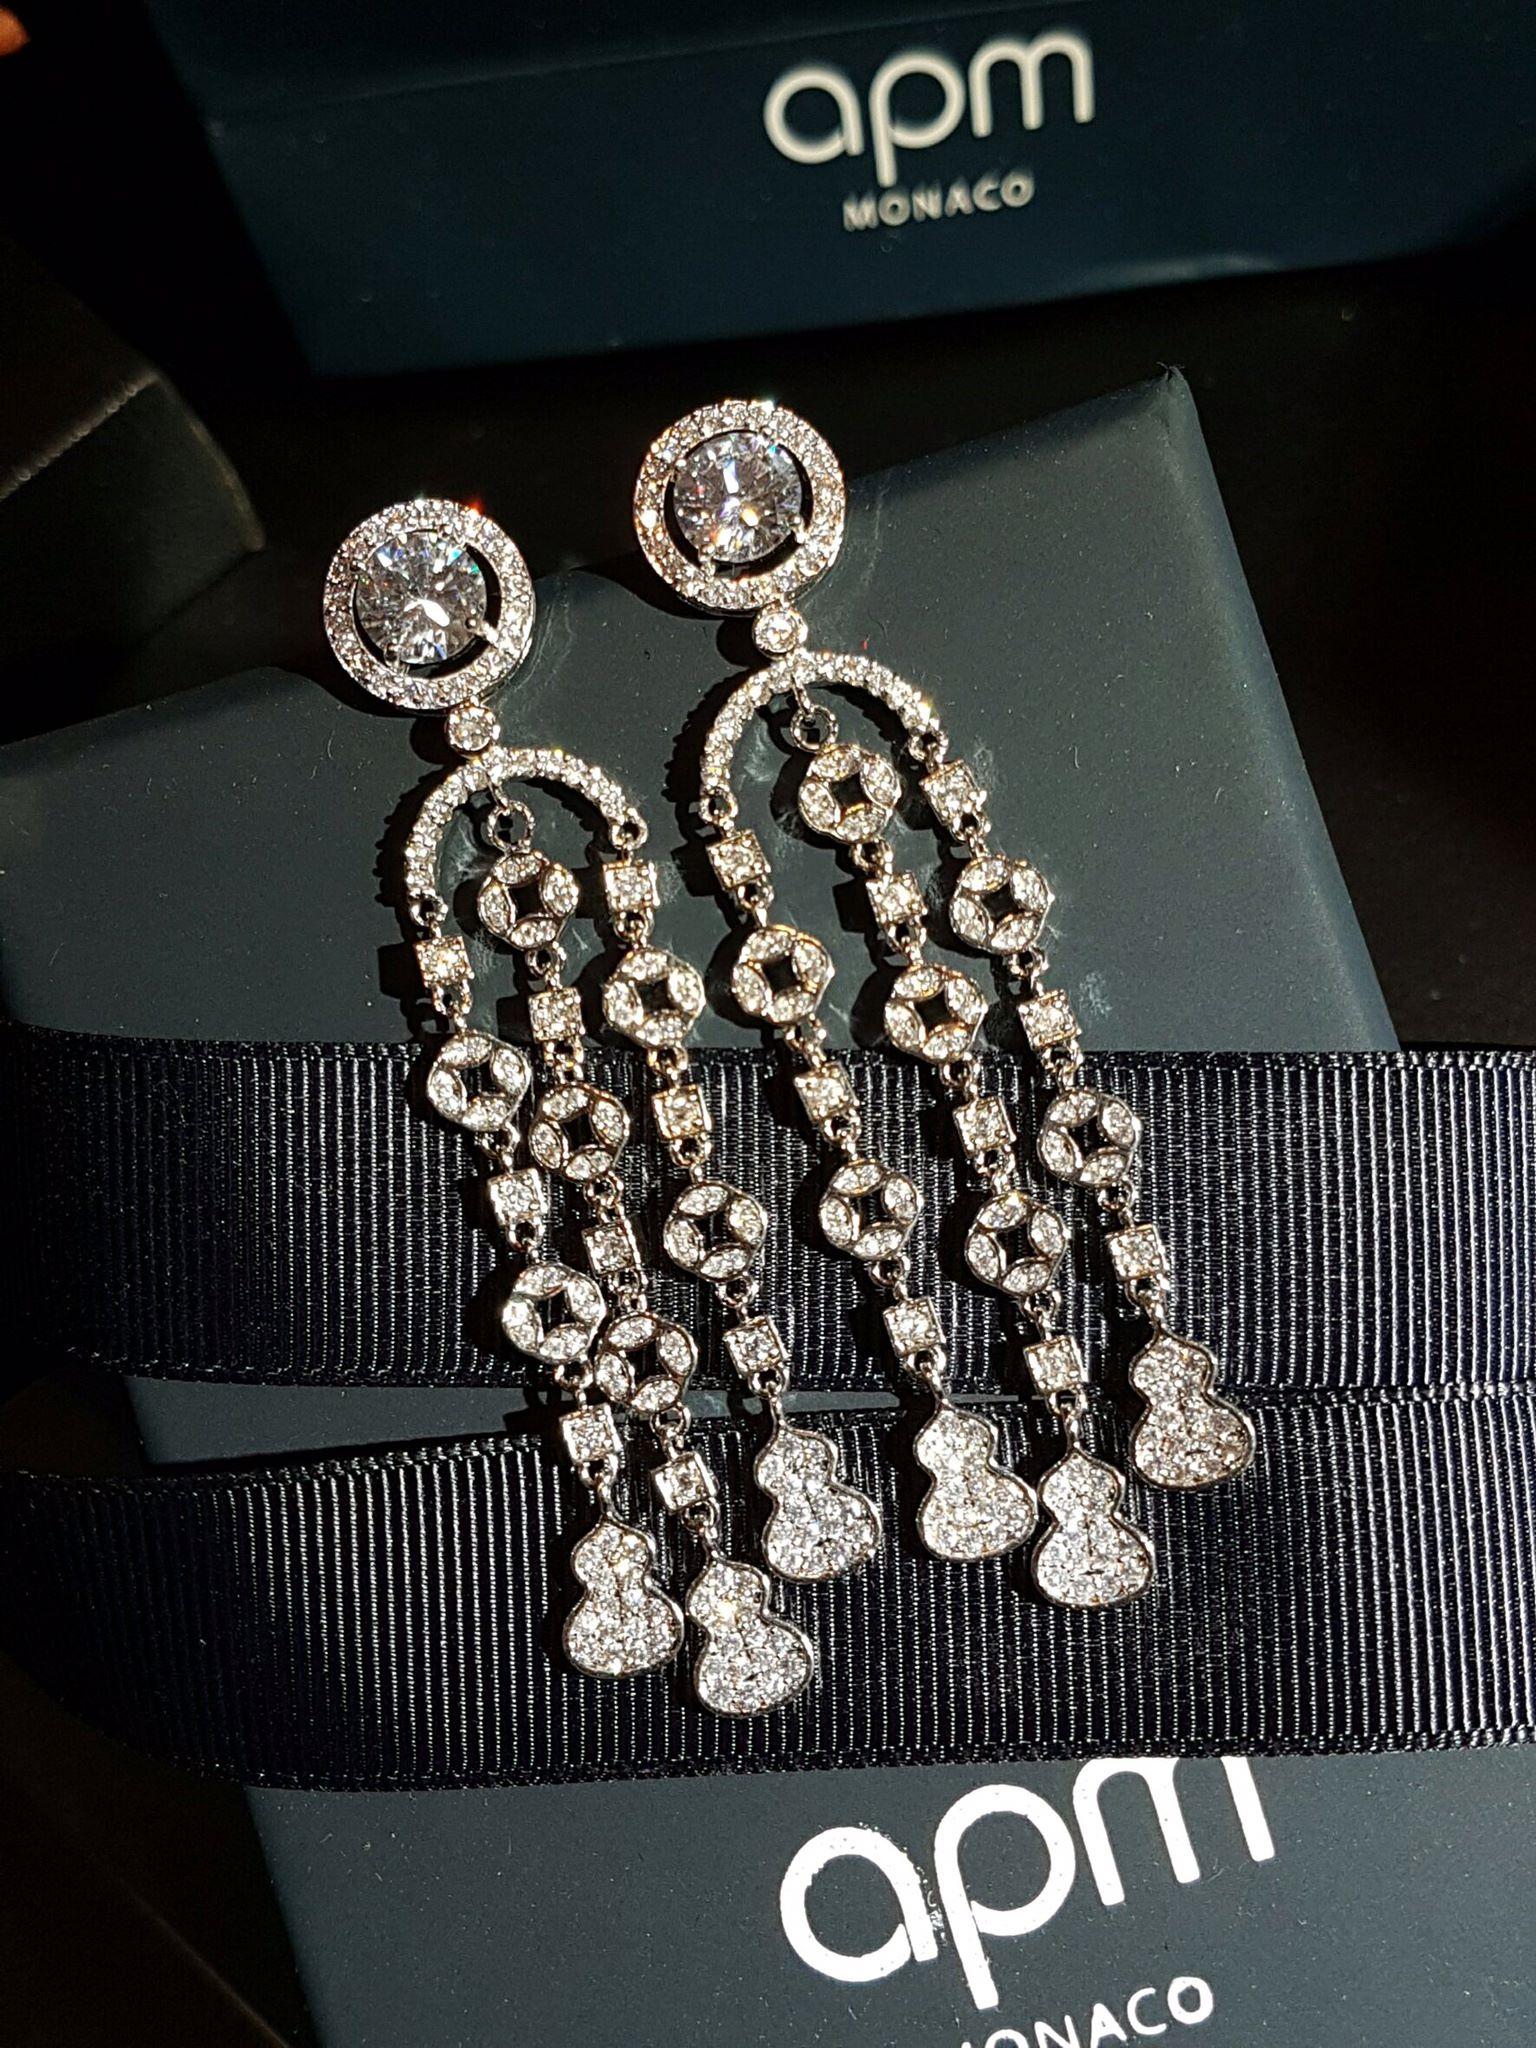 พร้อมส่ง Apm long diamond earring งานเกรดแพงที่สุดฝังแบบMircosetting